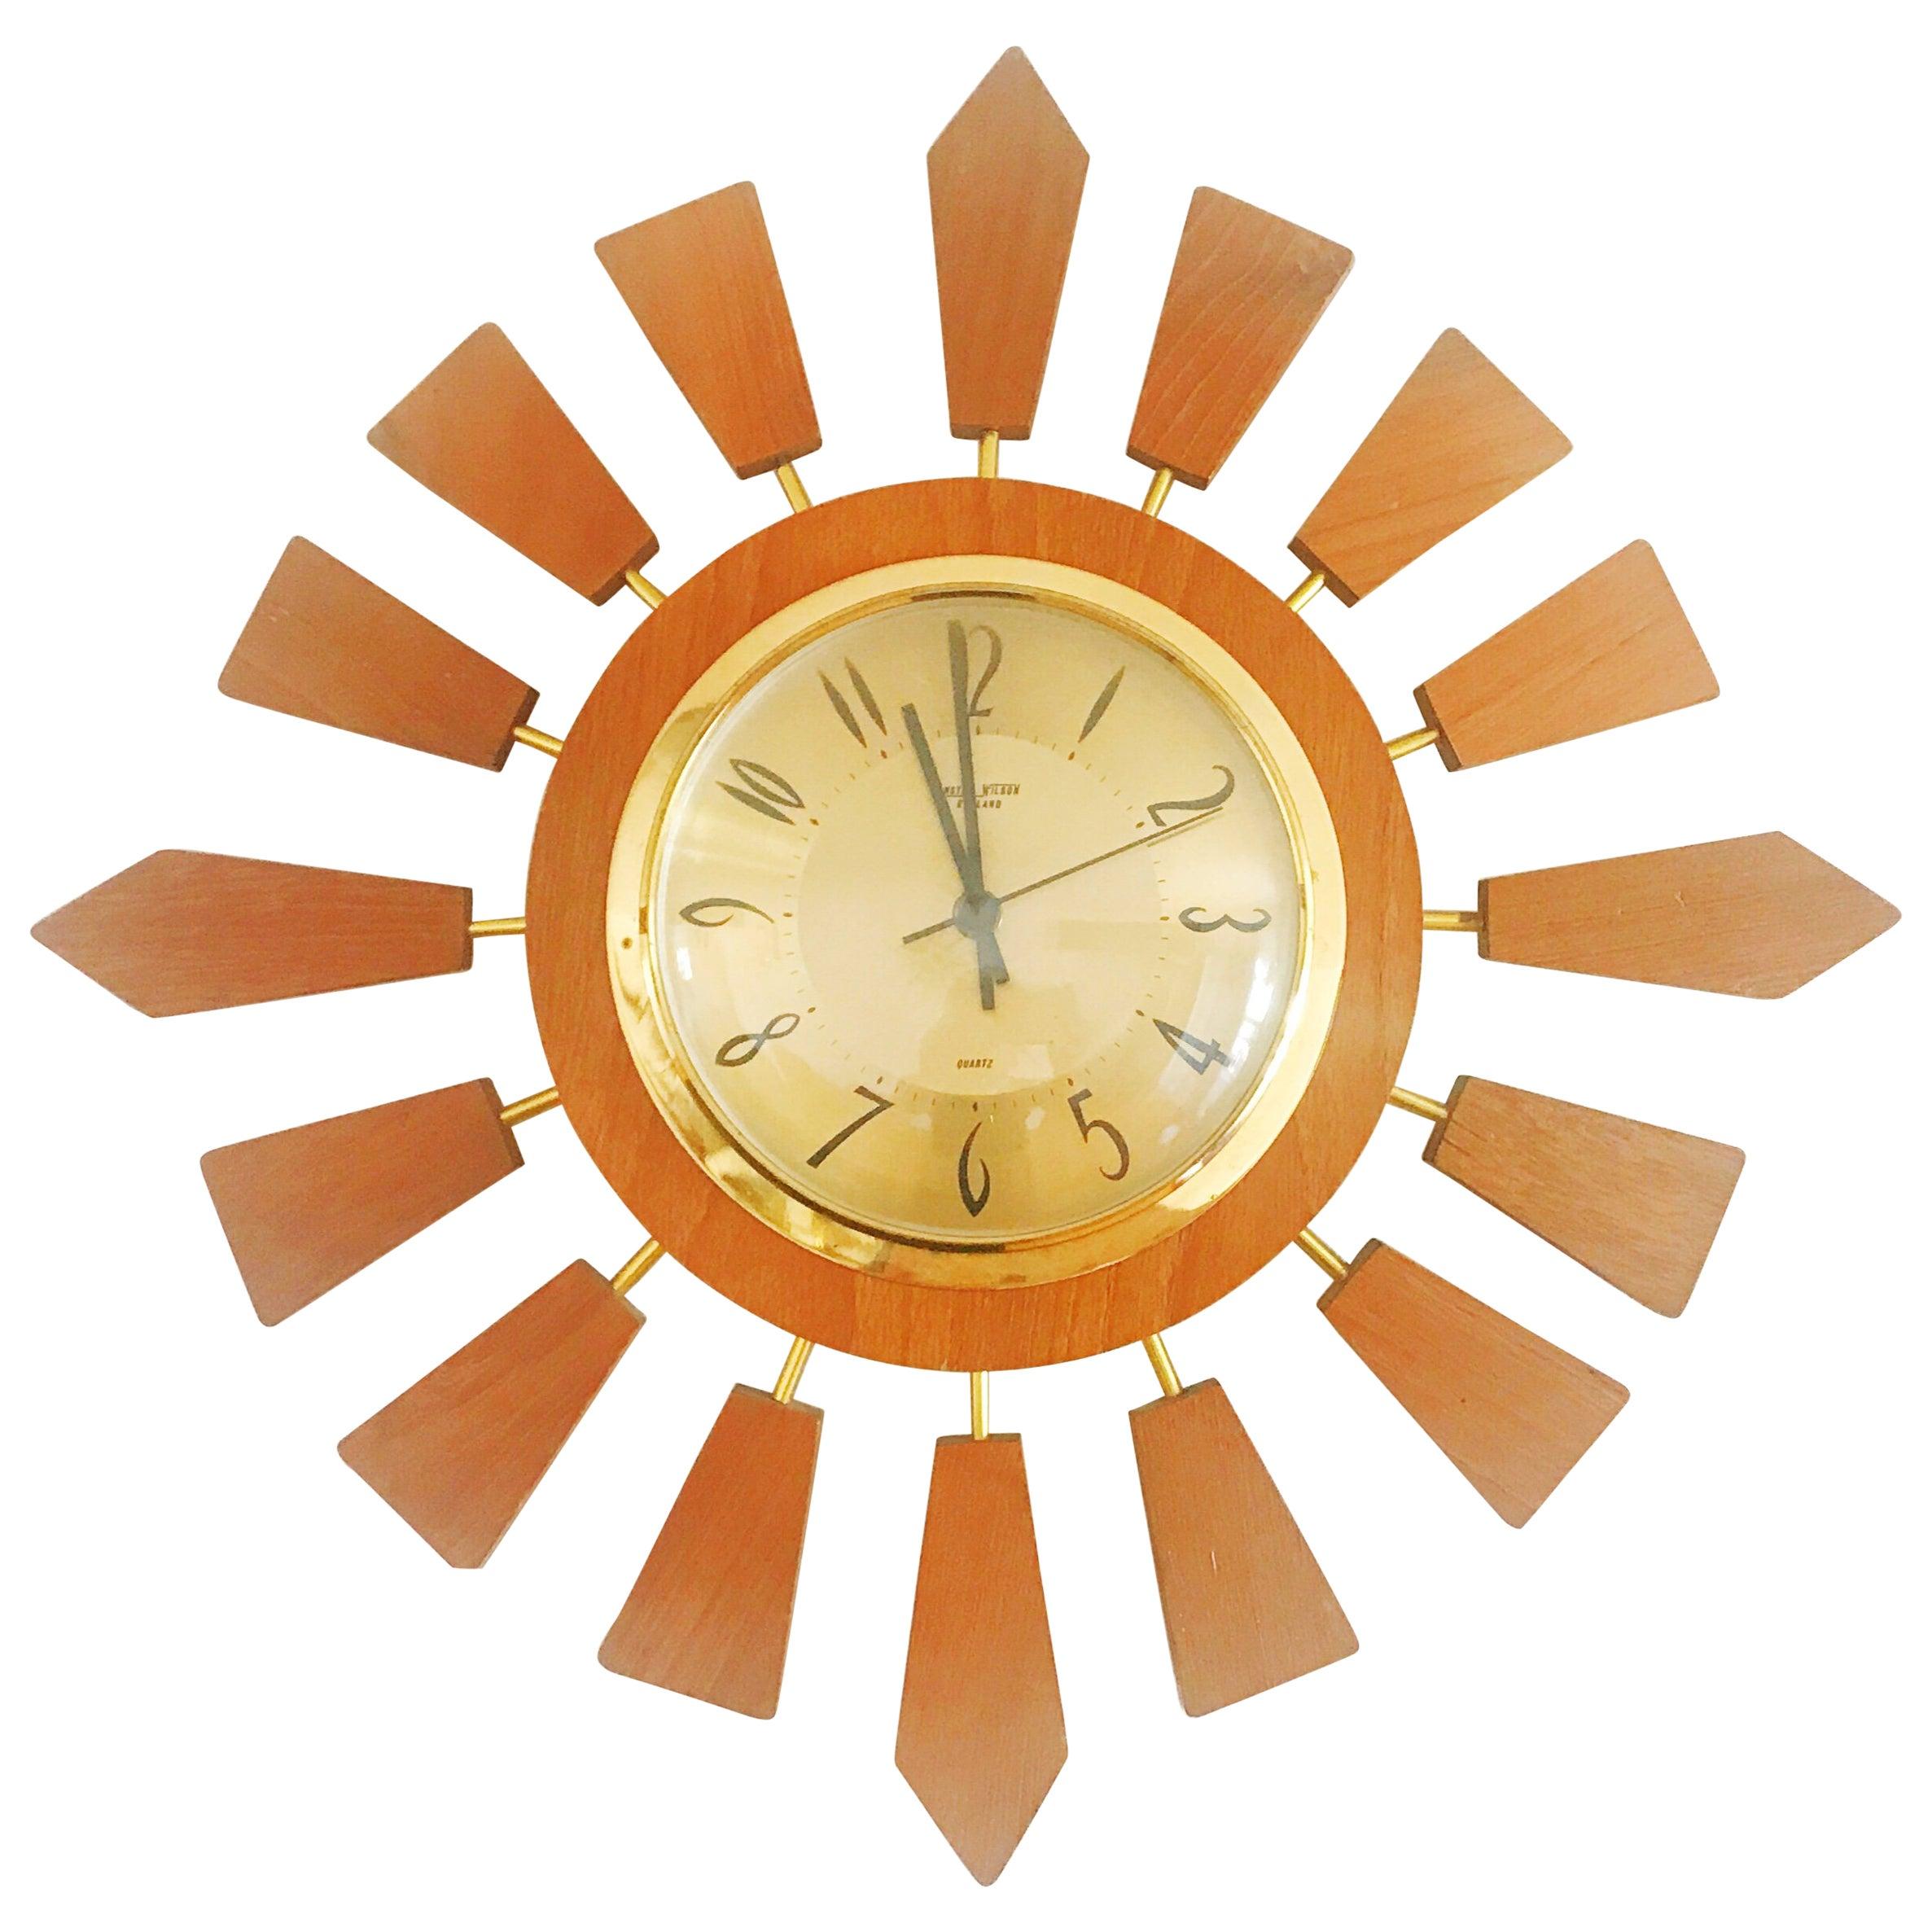 Anstey Wilson England Brass and Teak Sunburst Clock, Circa 1950 ...